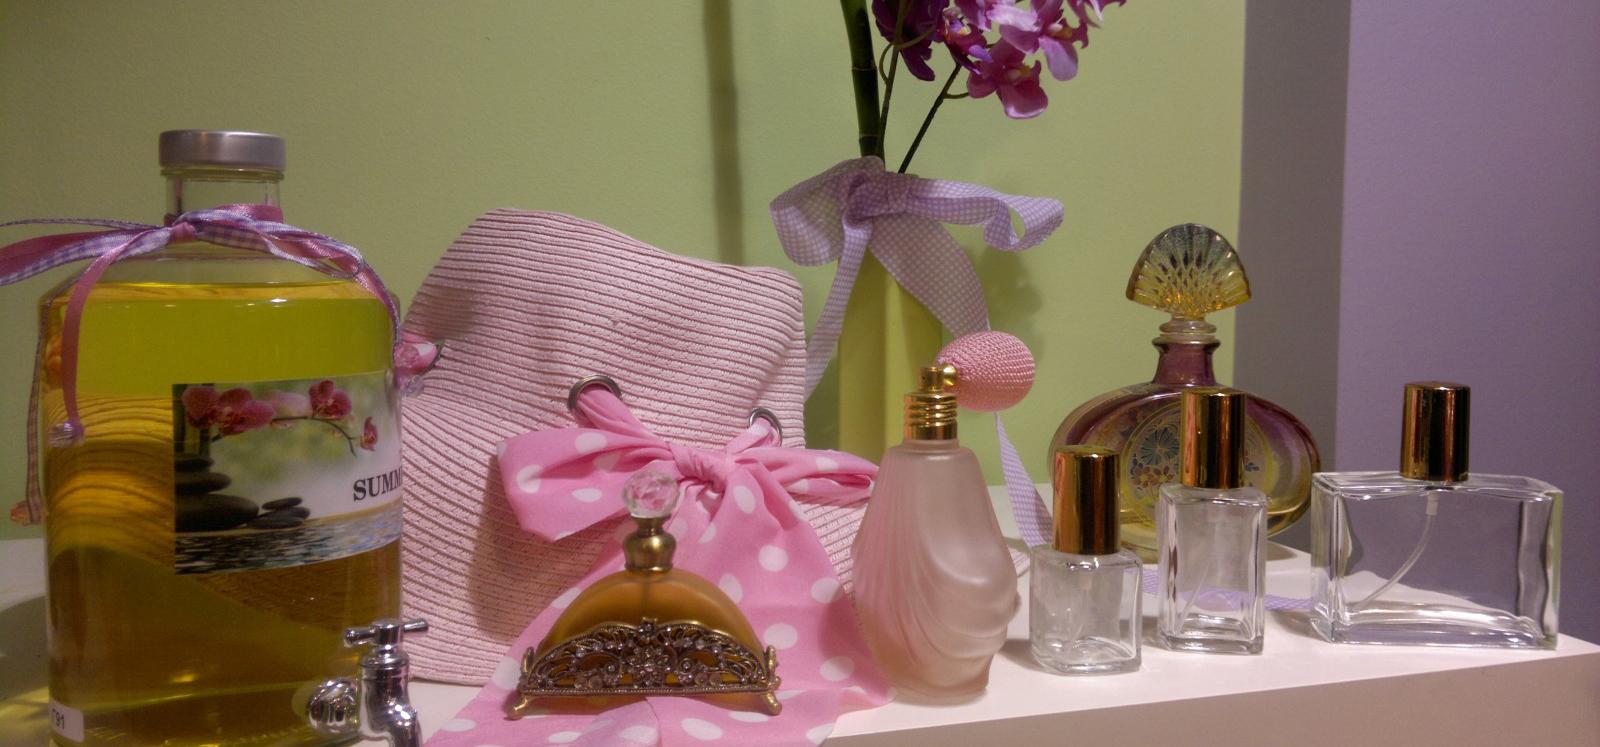 froufrou-aromata-perfume